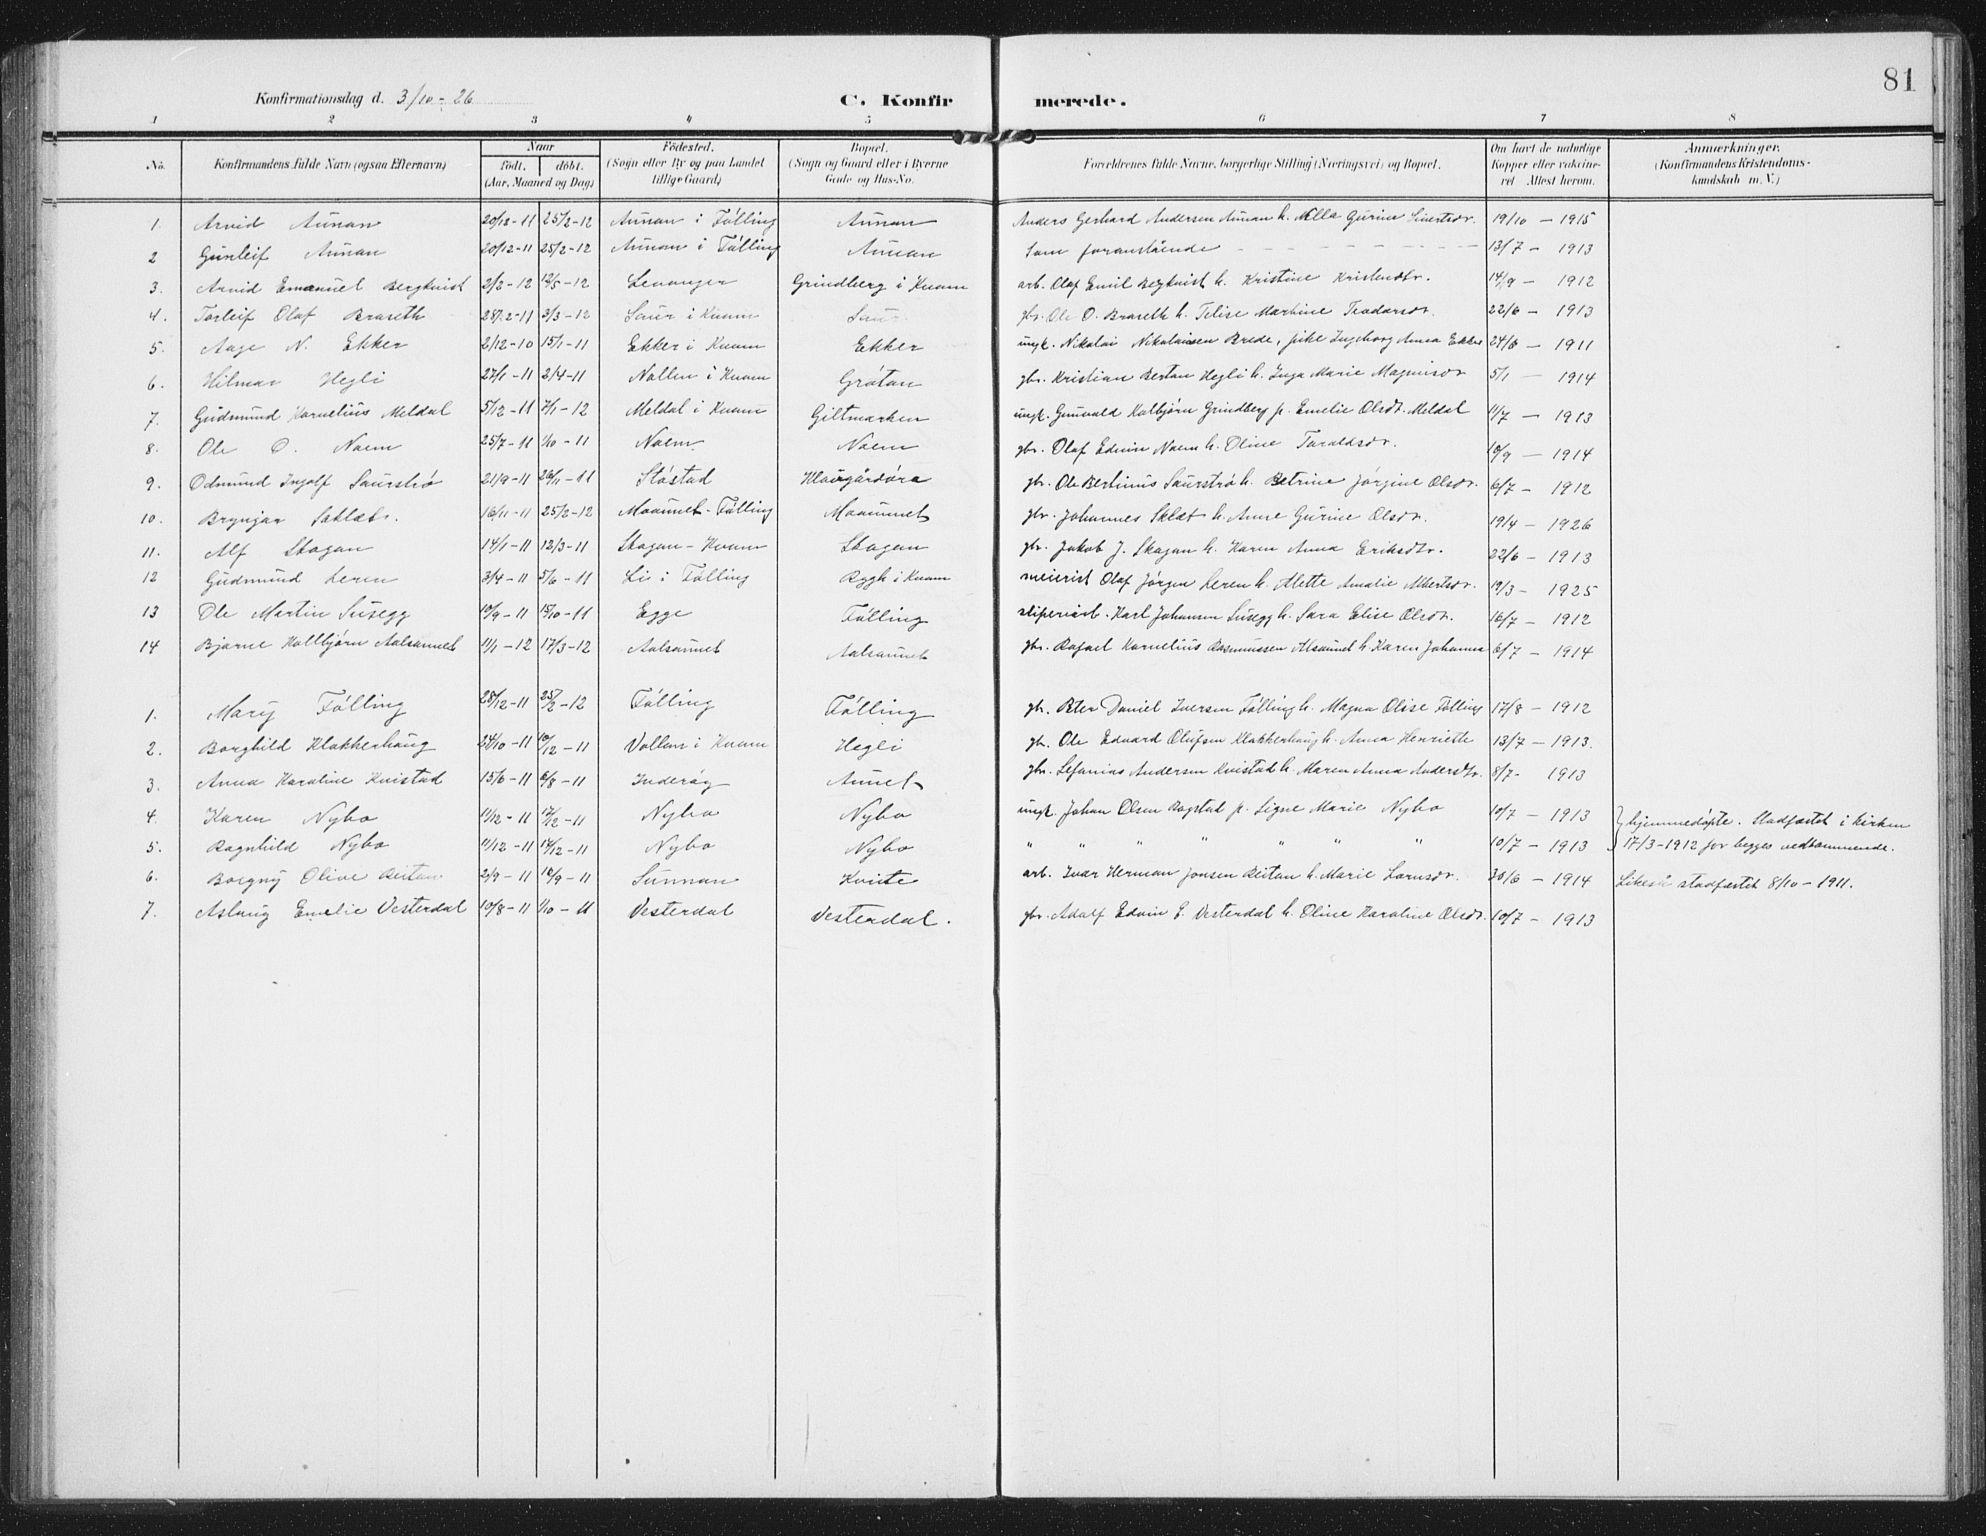 SAT, Ministerialprotokoller, klokkerbøker og fødselsregistre - Nord-Trøndelag, 747/L0460: Klokkerbok nr. 747C02, 1908-1939, s. 81